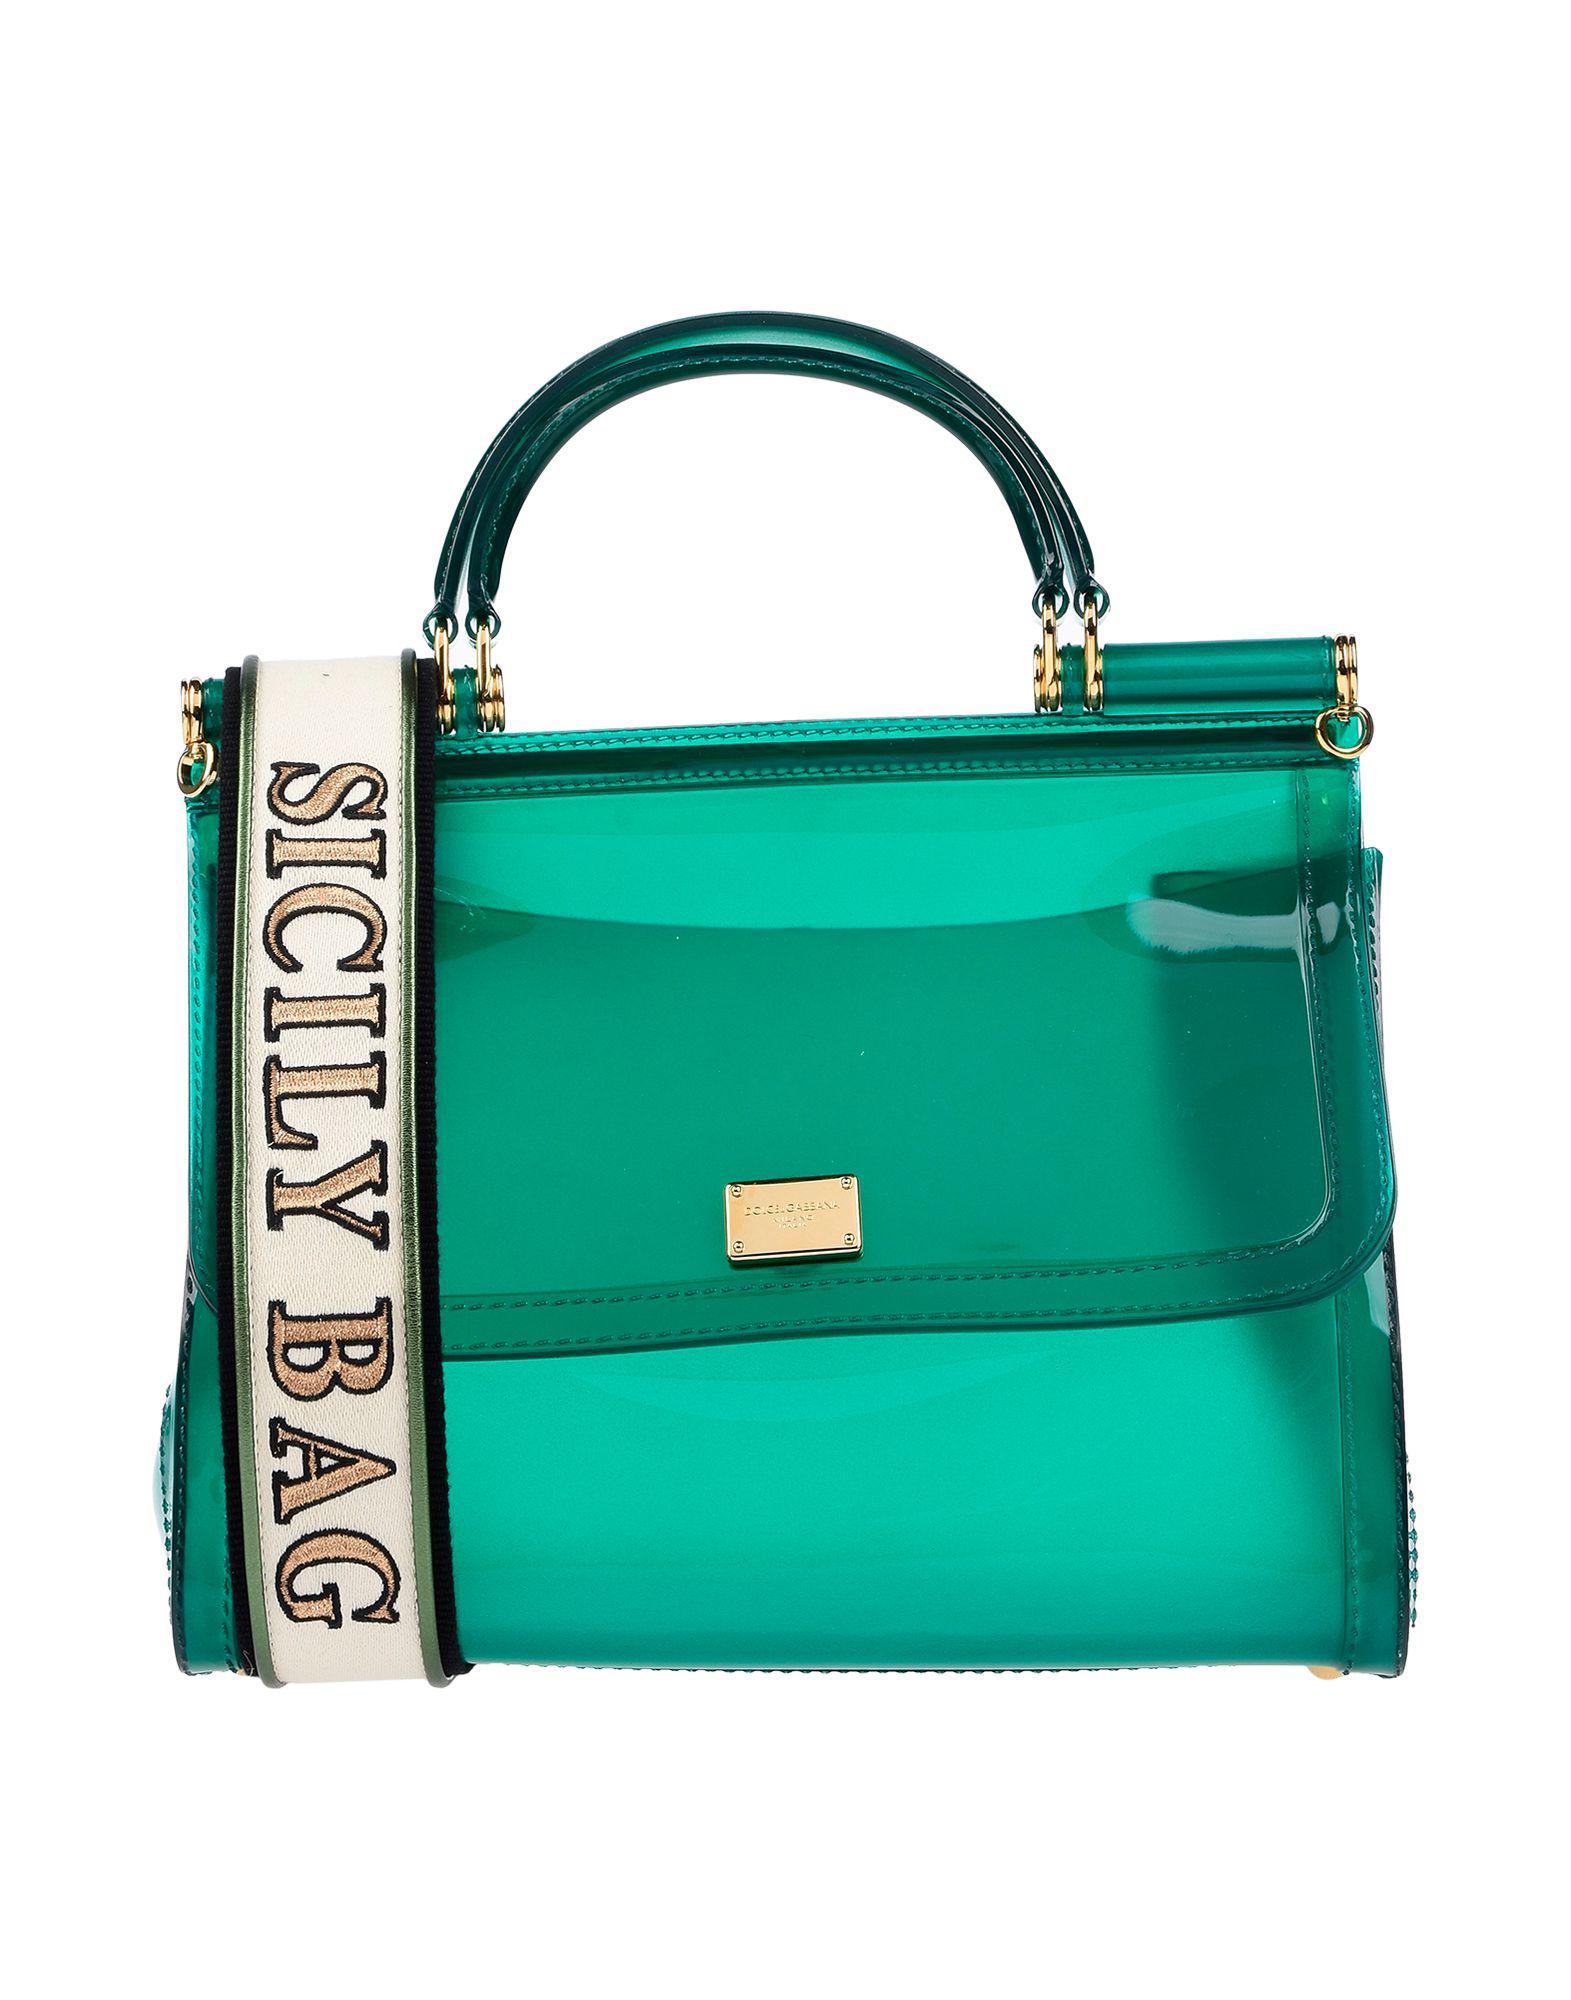 Lyst - Dolce   Gabbana Handbag in Green - Save 30% 22288ba7f38f1